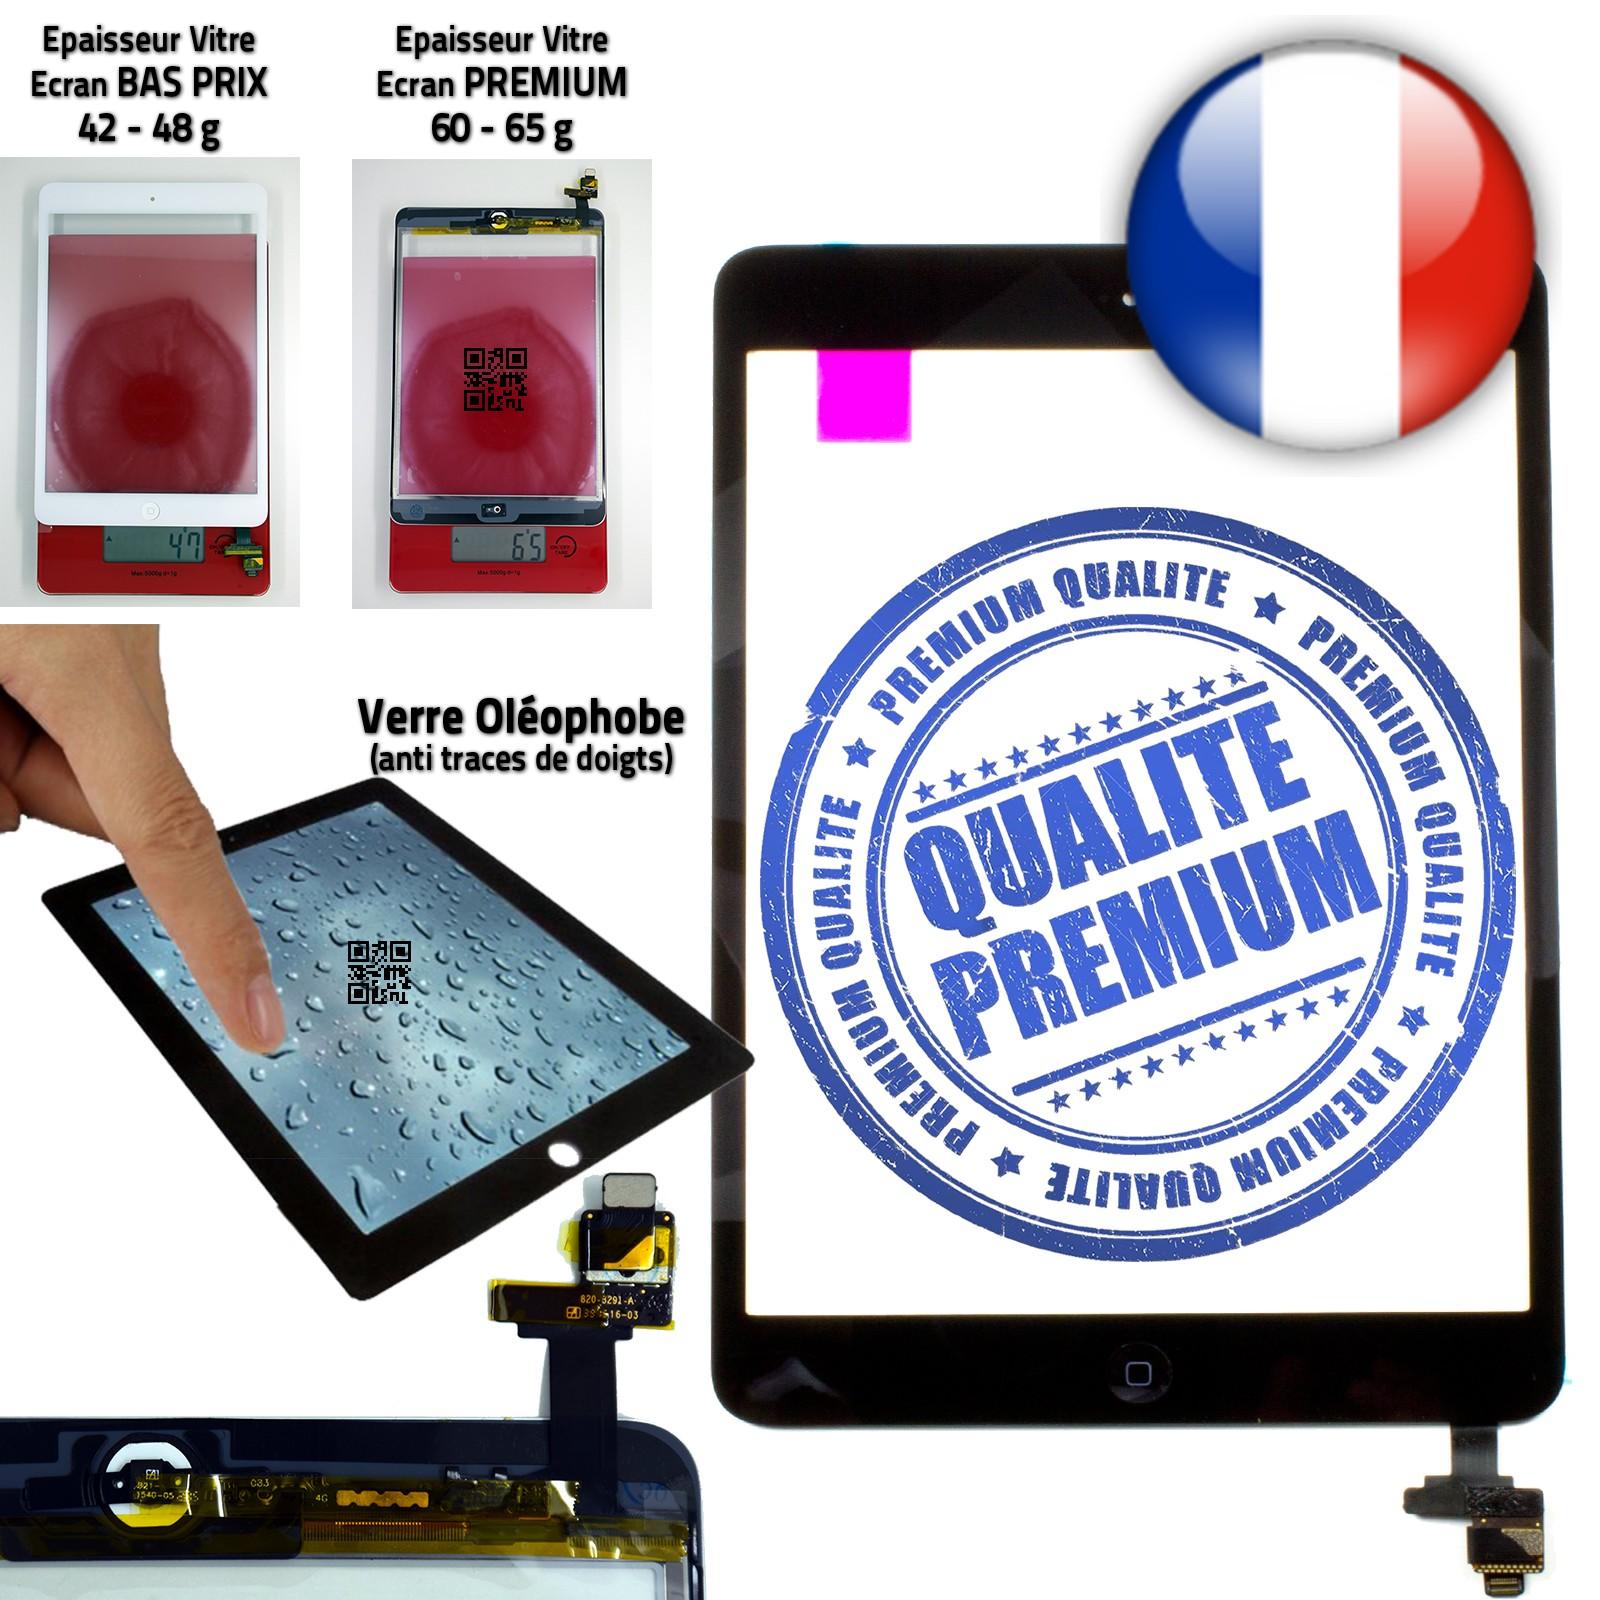 Vitres en Verre PREMIUM Apple iPad Mini 1 Retina 7.9 inch